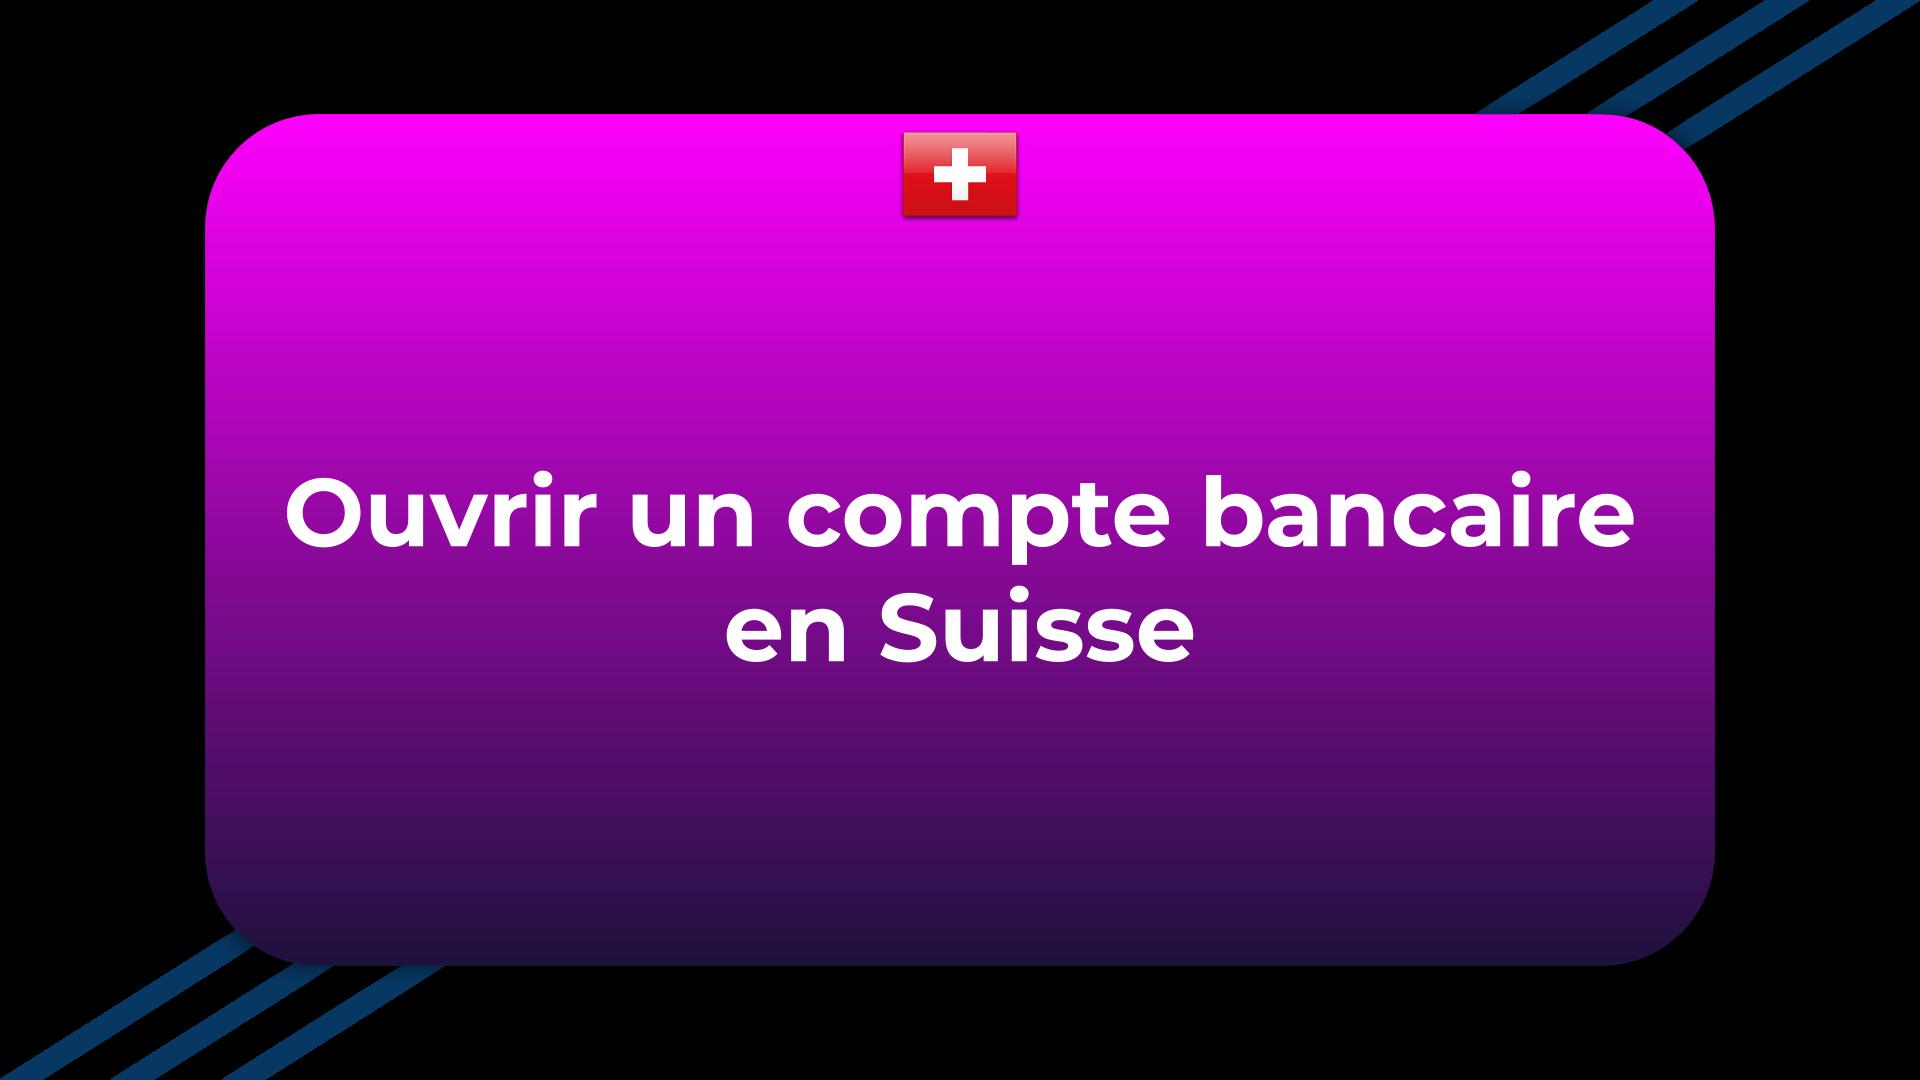 Ouvrir un compte bancaire en Suisse